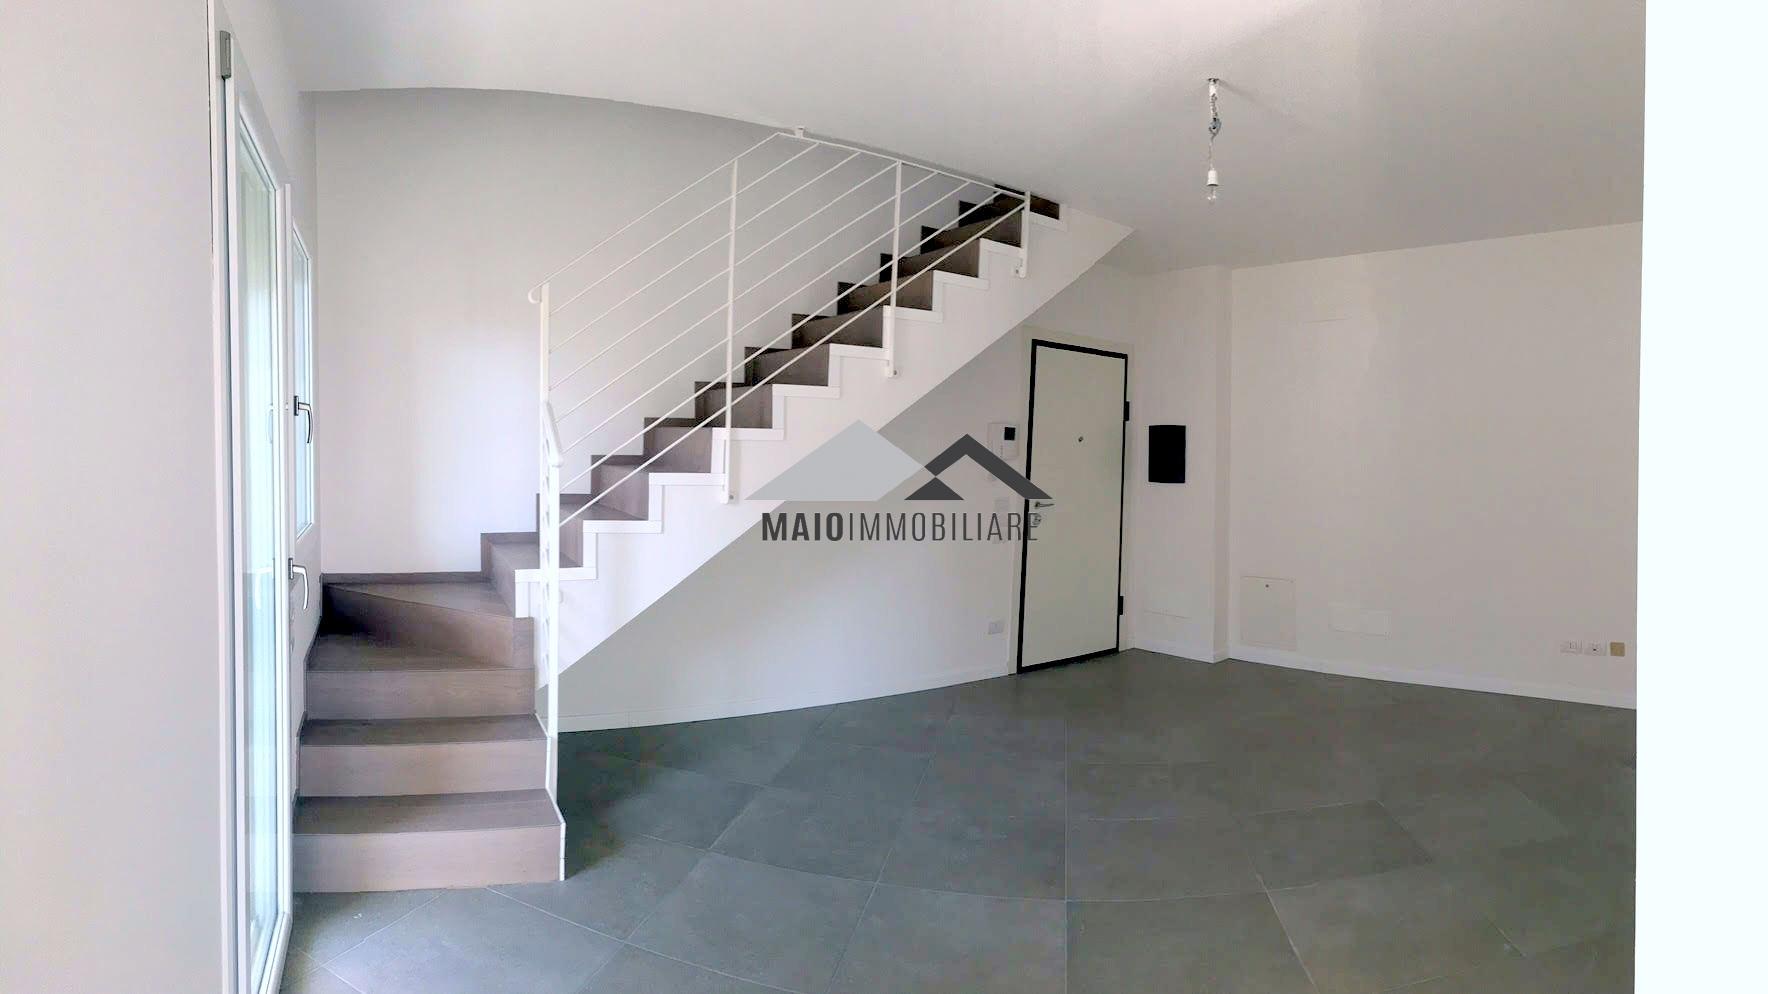 Appartamento in vendita a Misano Adriatico, 3 locali, zona Località: VillaggioArgentina, prezzo € 215.000 | Cambio Casa.it